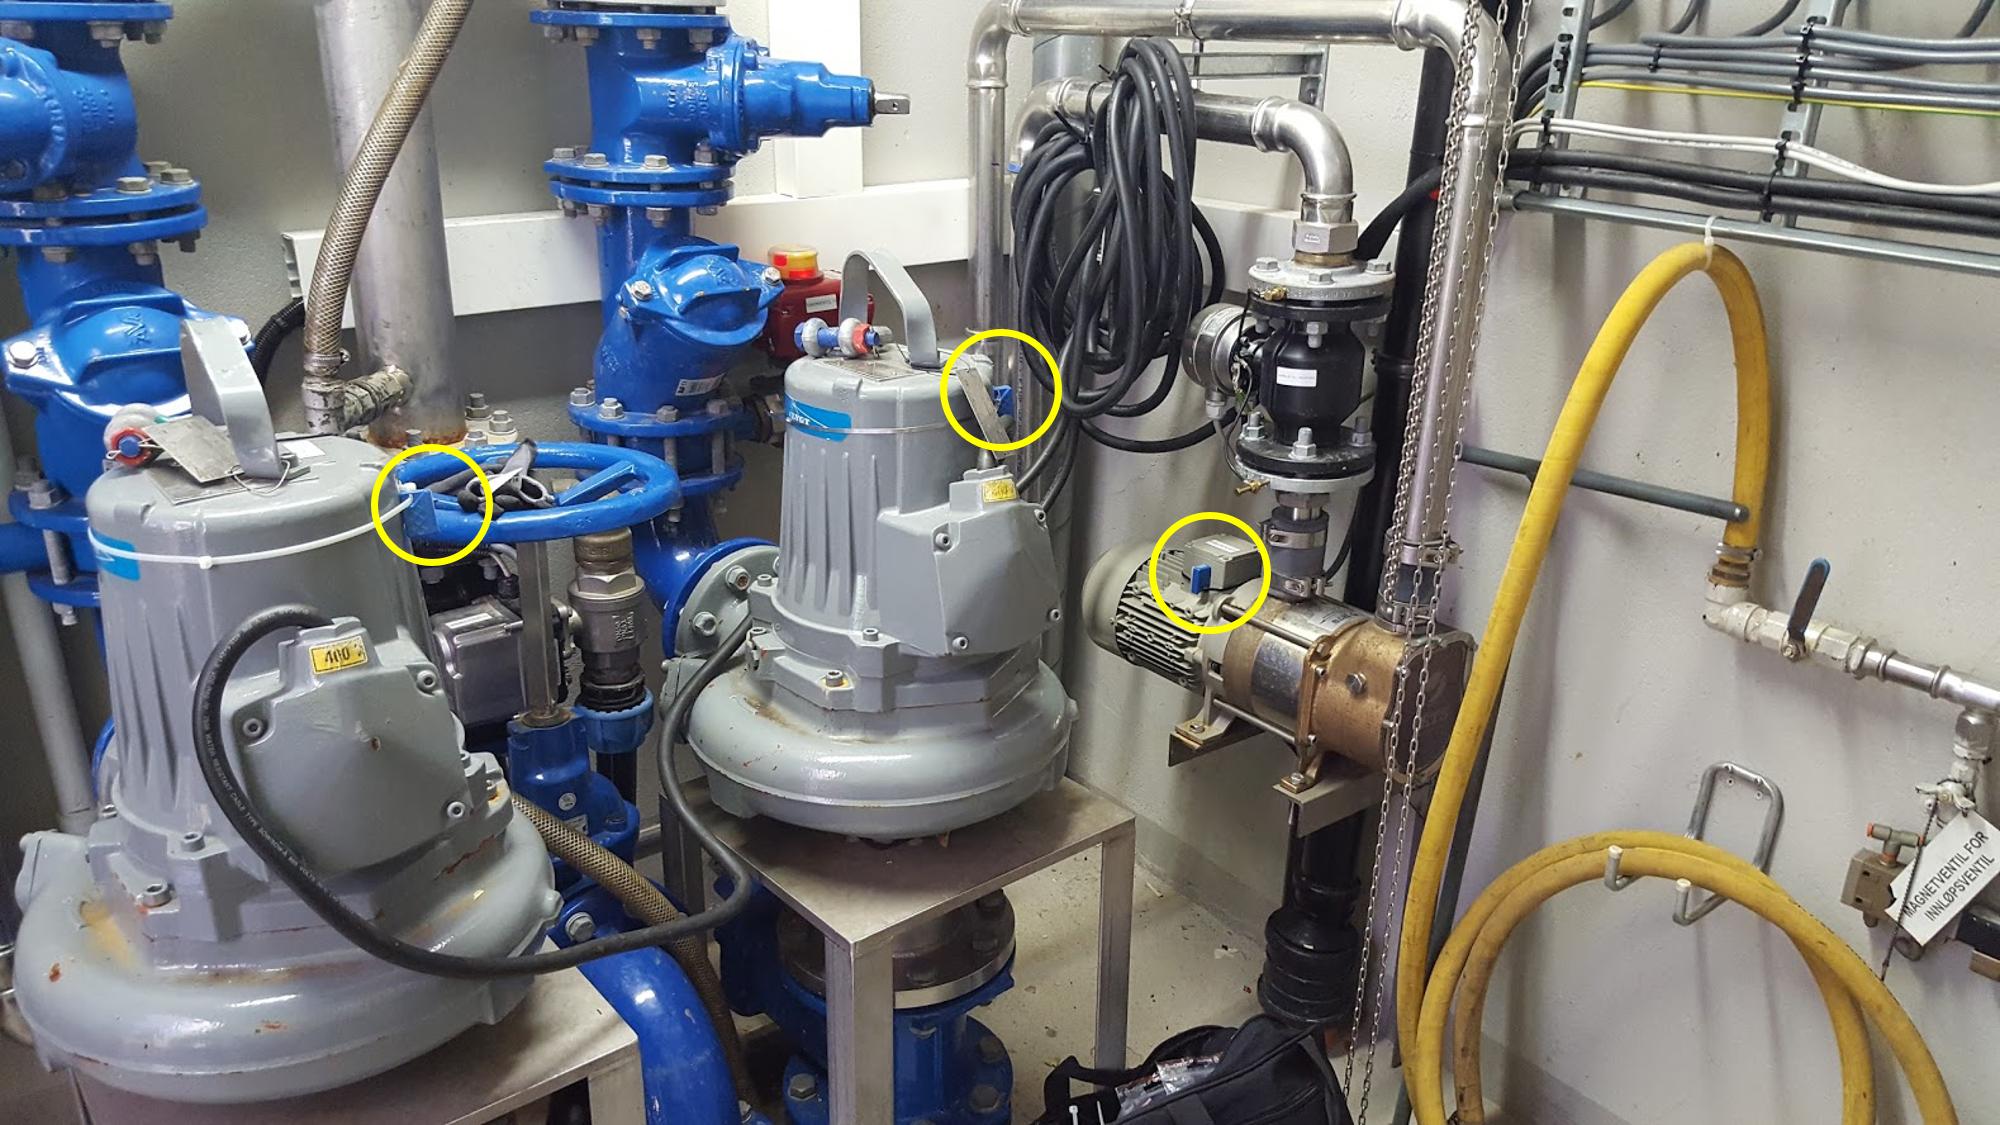 Sensorovervåking av pumpestasjon for vannforsyning. Sensorene montes på eksisterende utstyr, samler data om temperatur og trykk på vannet inn og ut av pumpestasjonene og visualiserer dette for operatører og beslutningstagere. (Foto: El-watch)